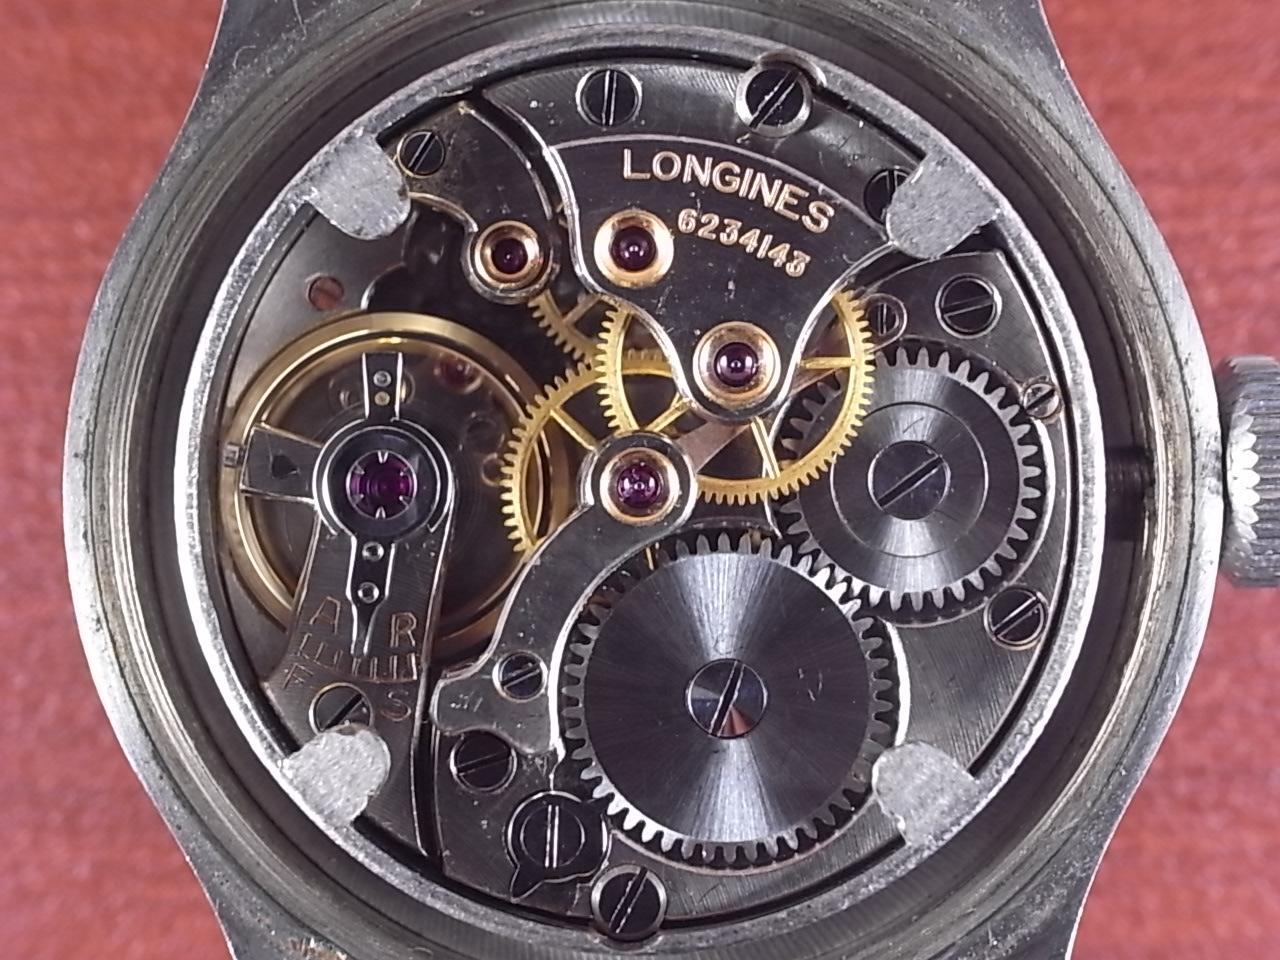 ロンジン ステップベゼル トレタケ キャリバー10.68N 1940年代の写真5枚目